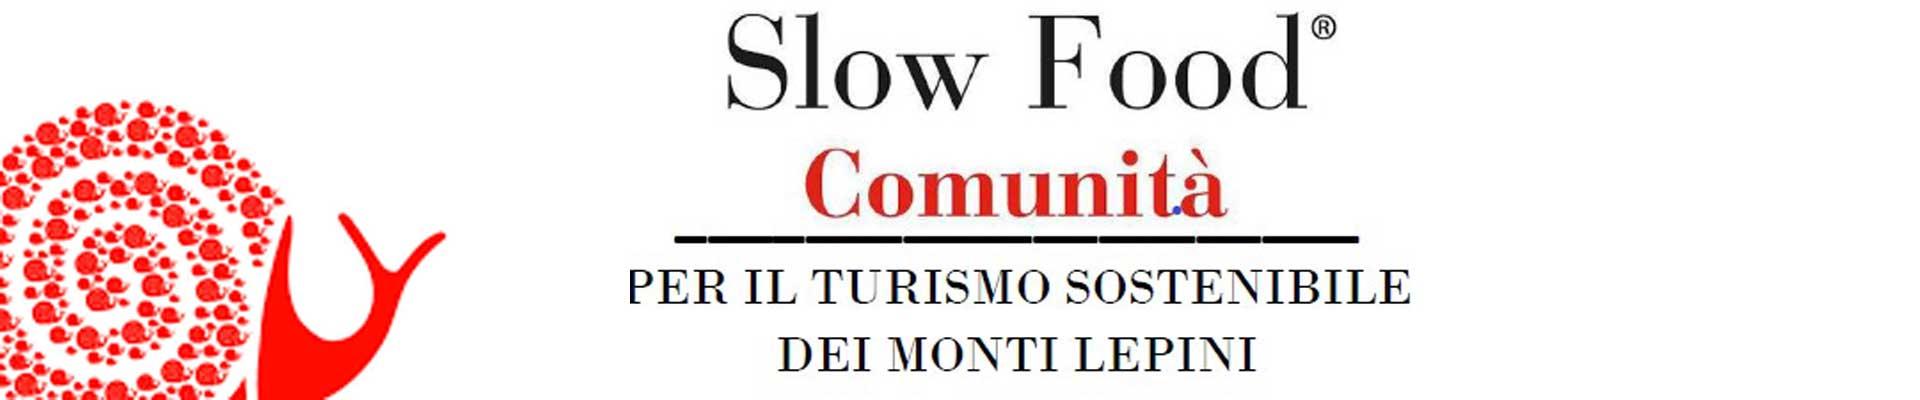 comunita-slow-food-dei-monti-lepini